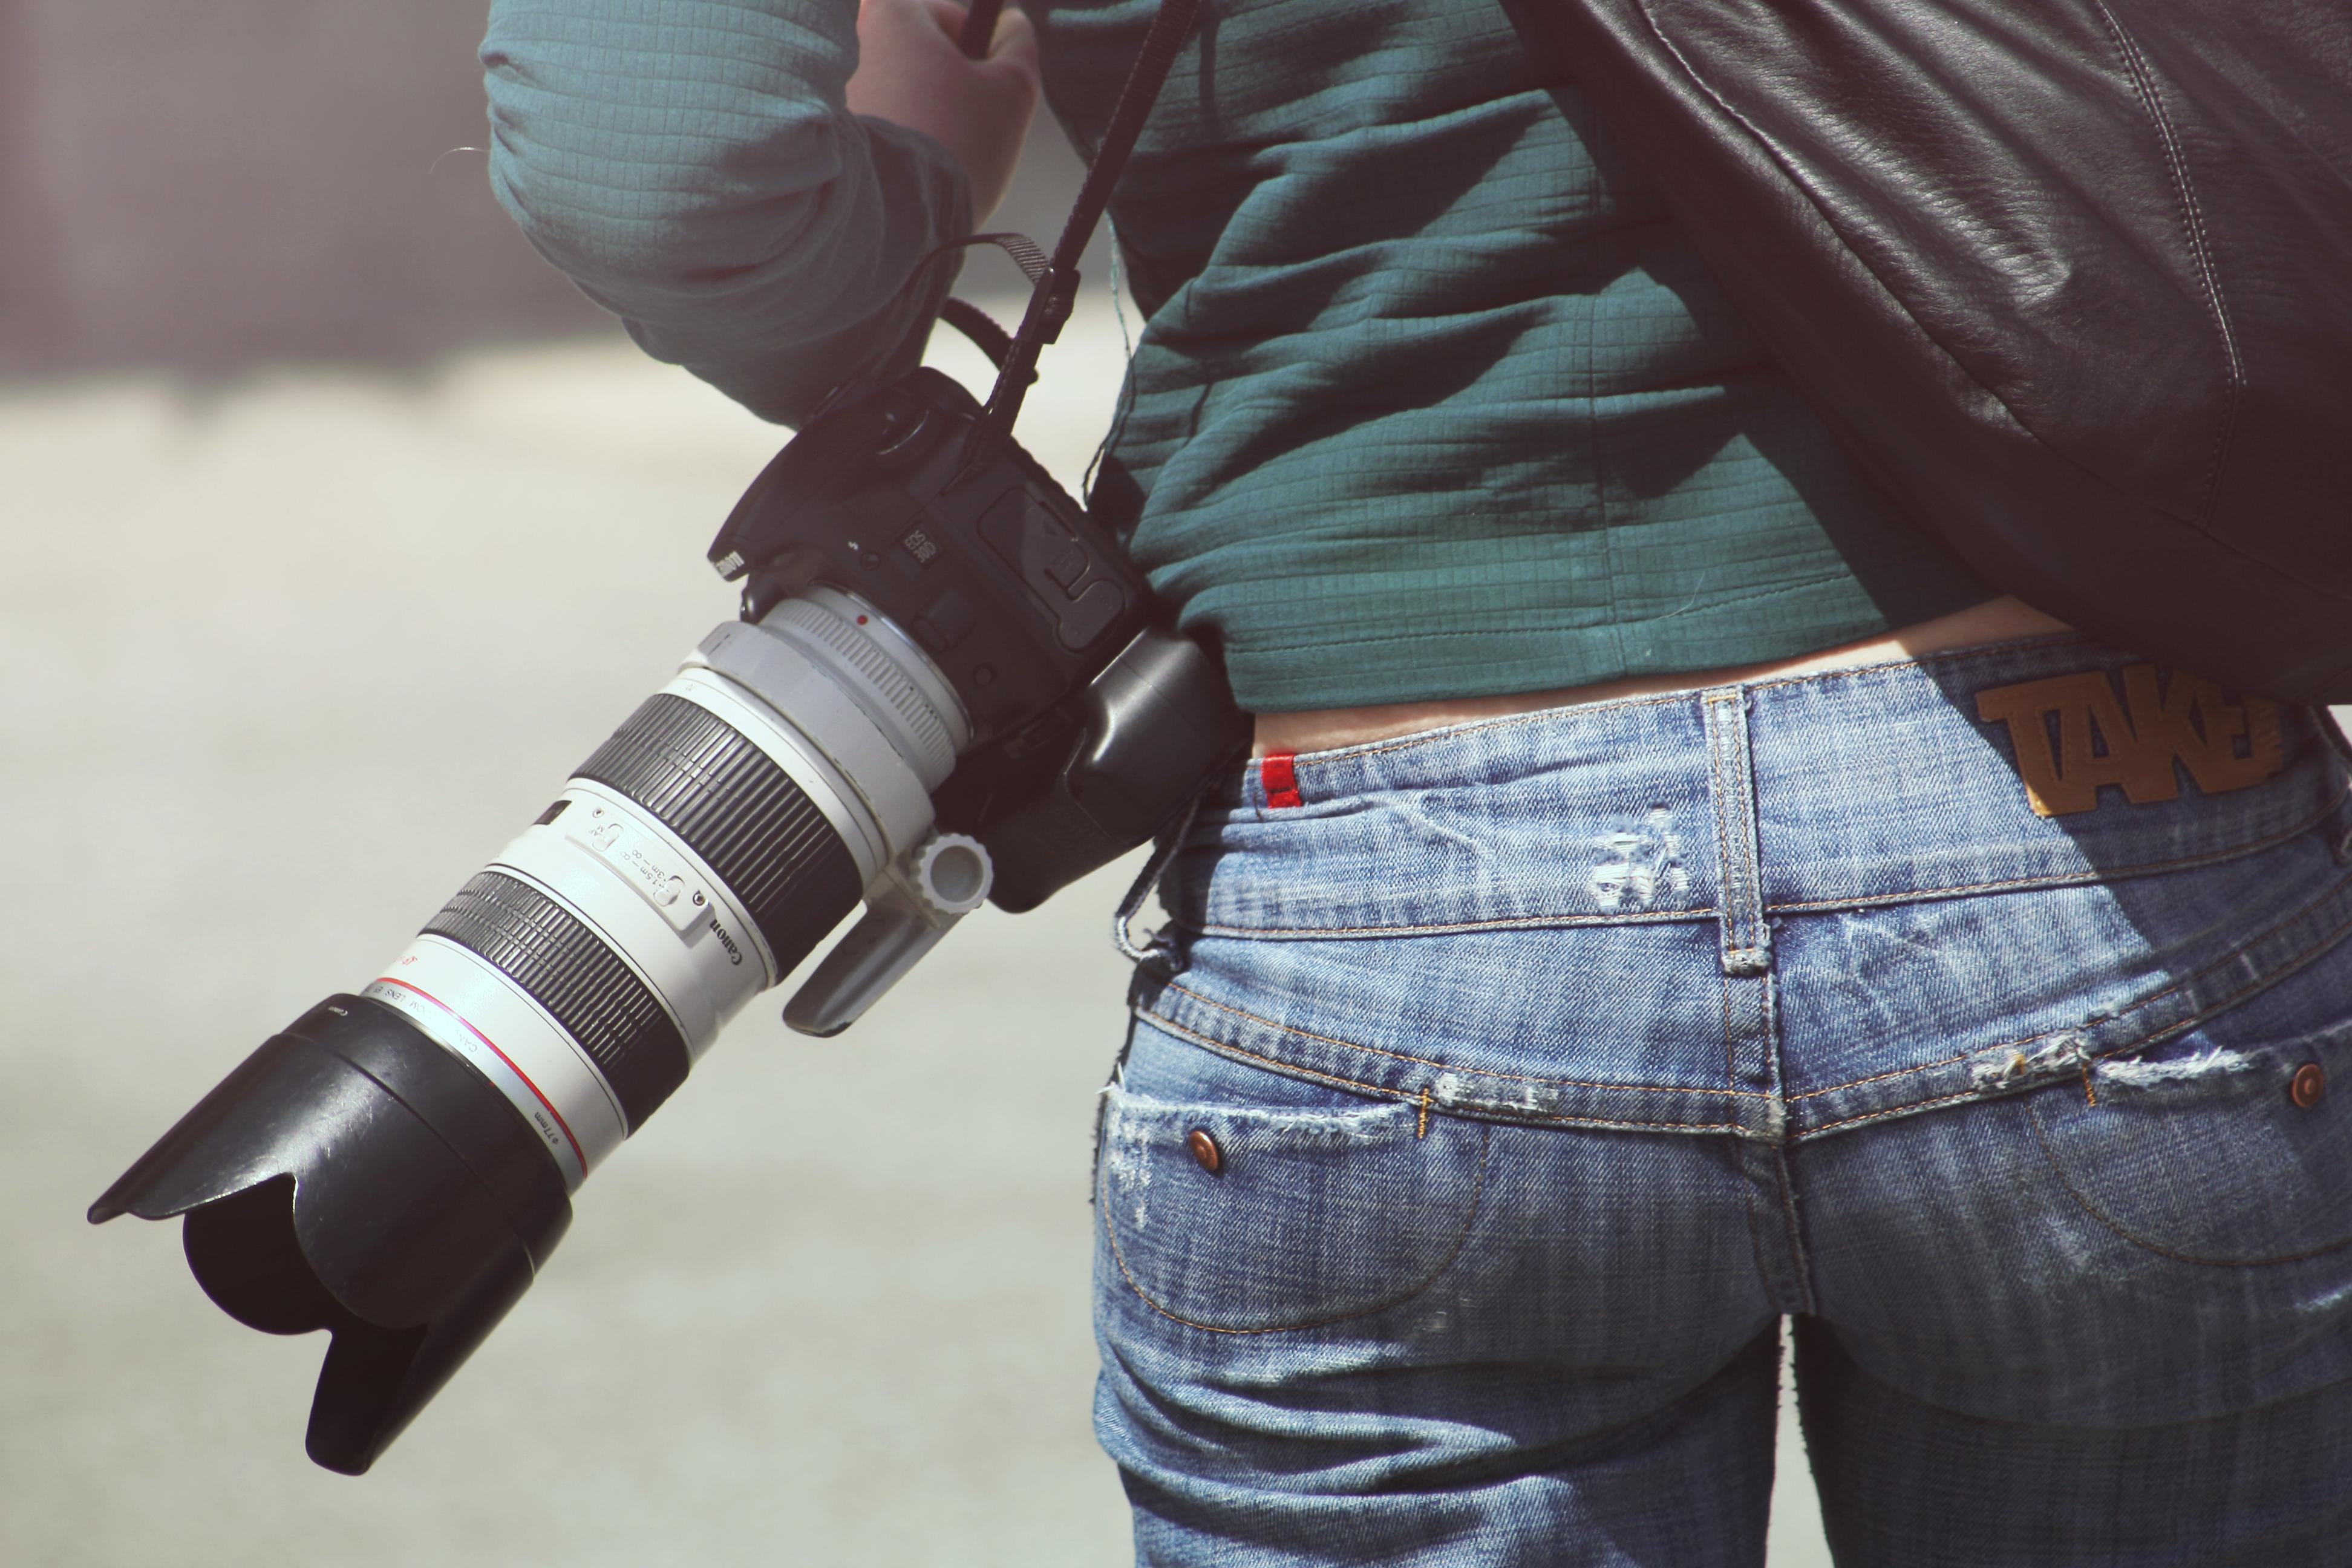 Camera in ass